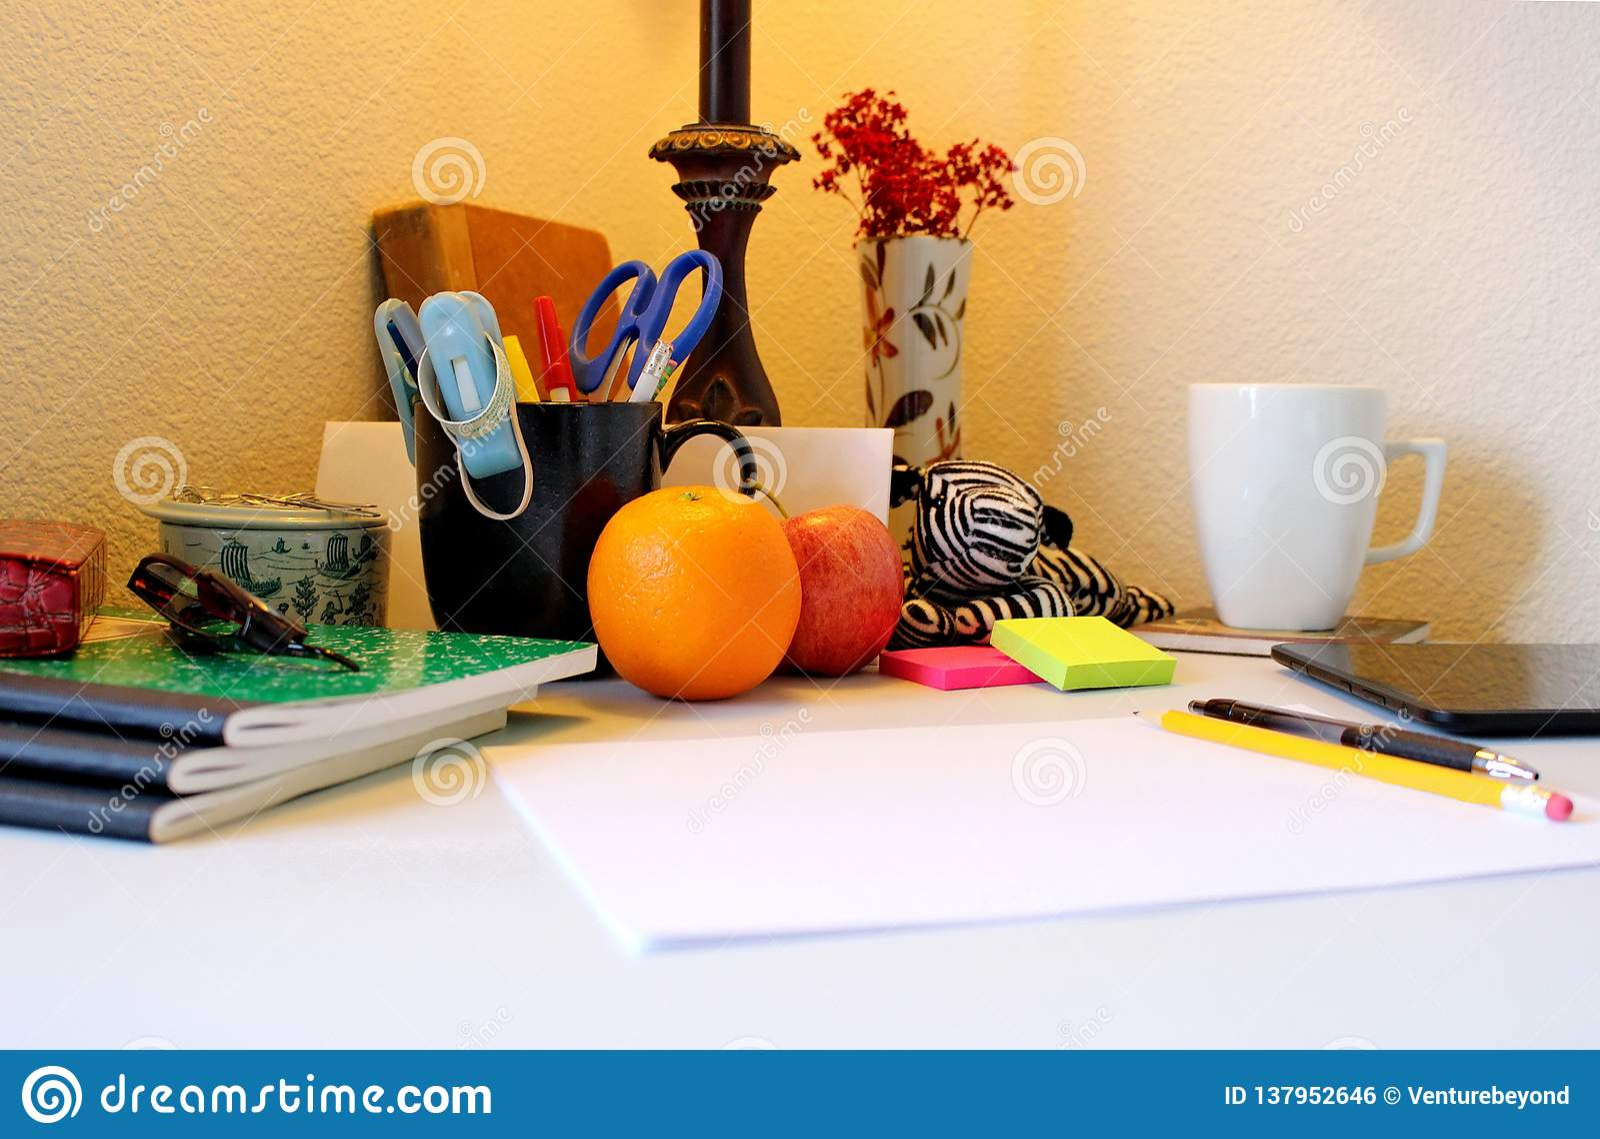 Escritório domiciliário - fazendo um espaço que inspire sua faculdade criadora